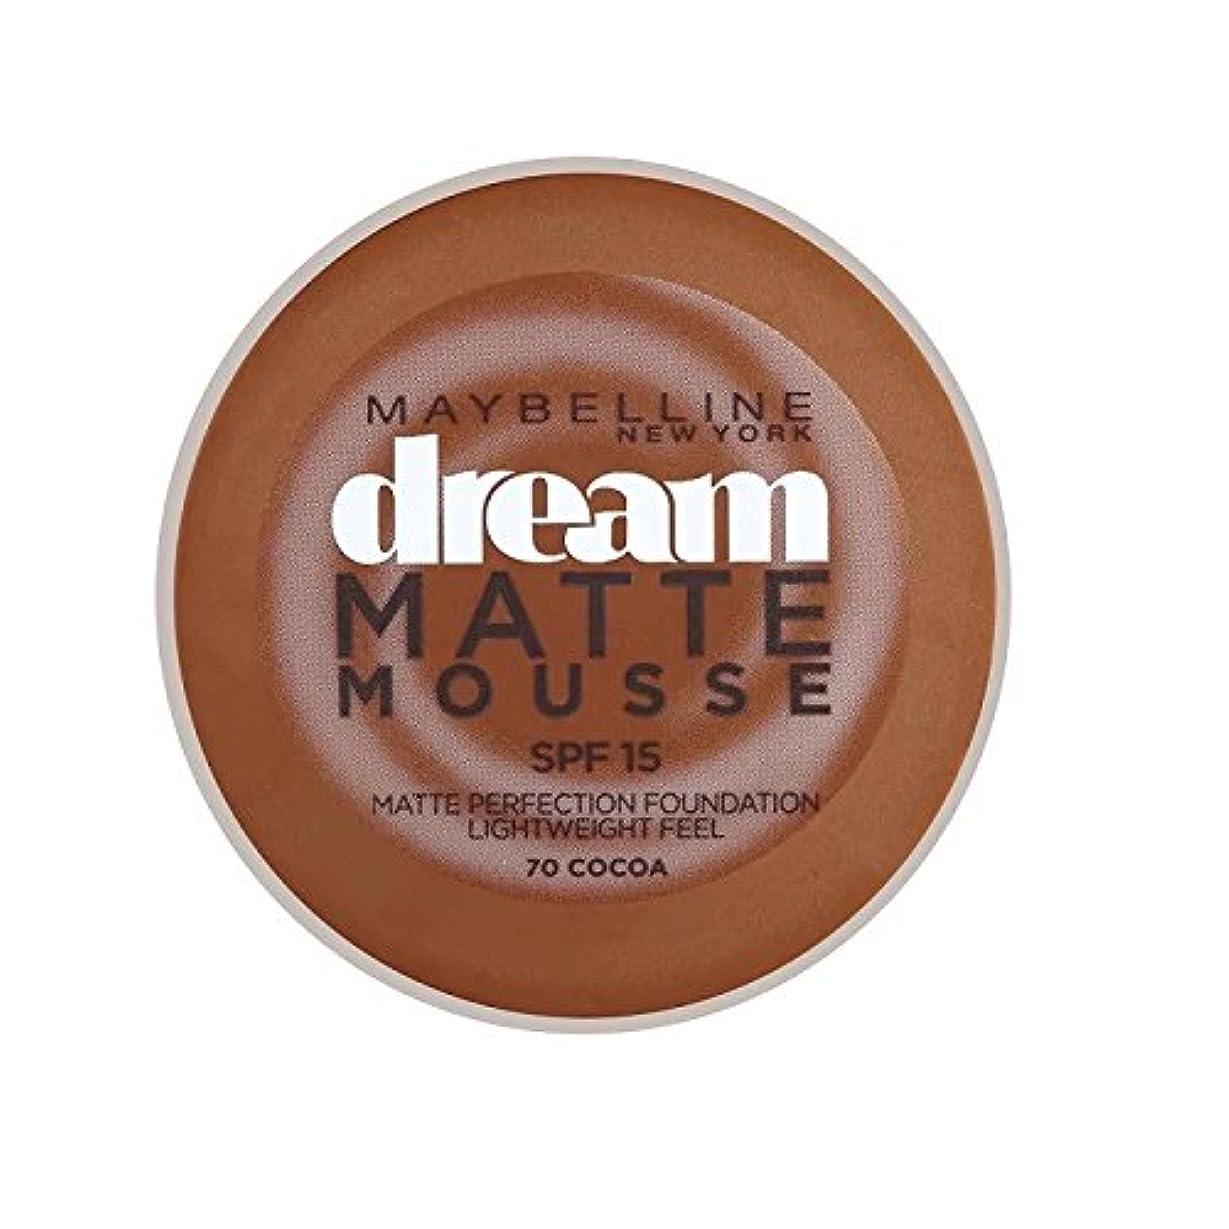 極端な樫の木人物Maybelline Dream Matte Mousse Foundation 70 Cocoa 10ml (Pack of 6) - メイベリン夢のマットムース基盤70ココア10ミリリットル x6 [並行輸入品]